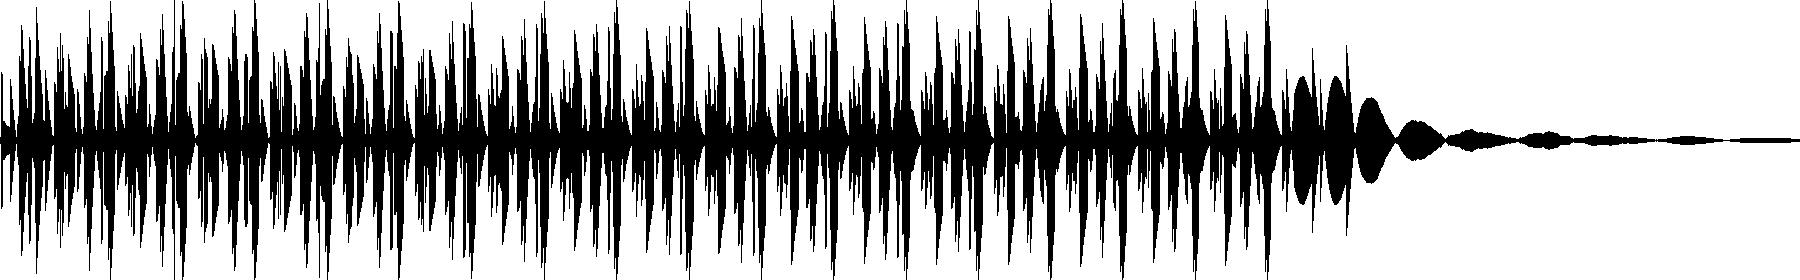 veh2 synths   109 c